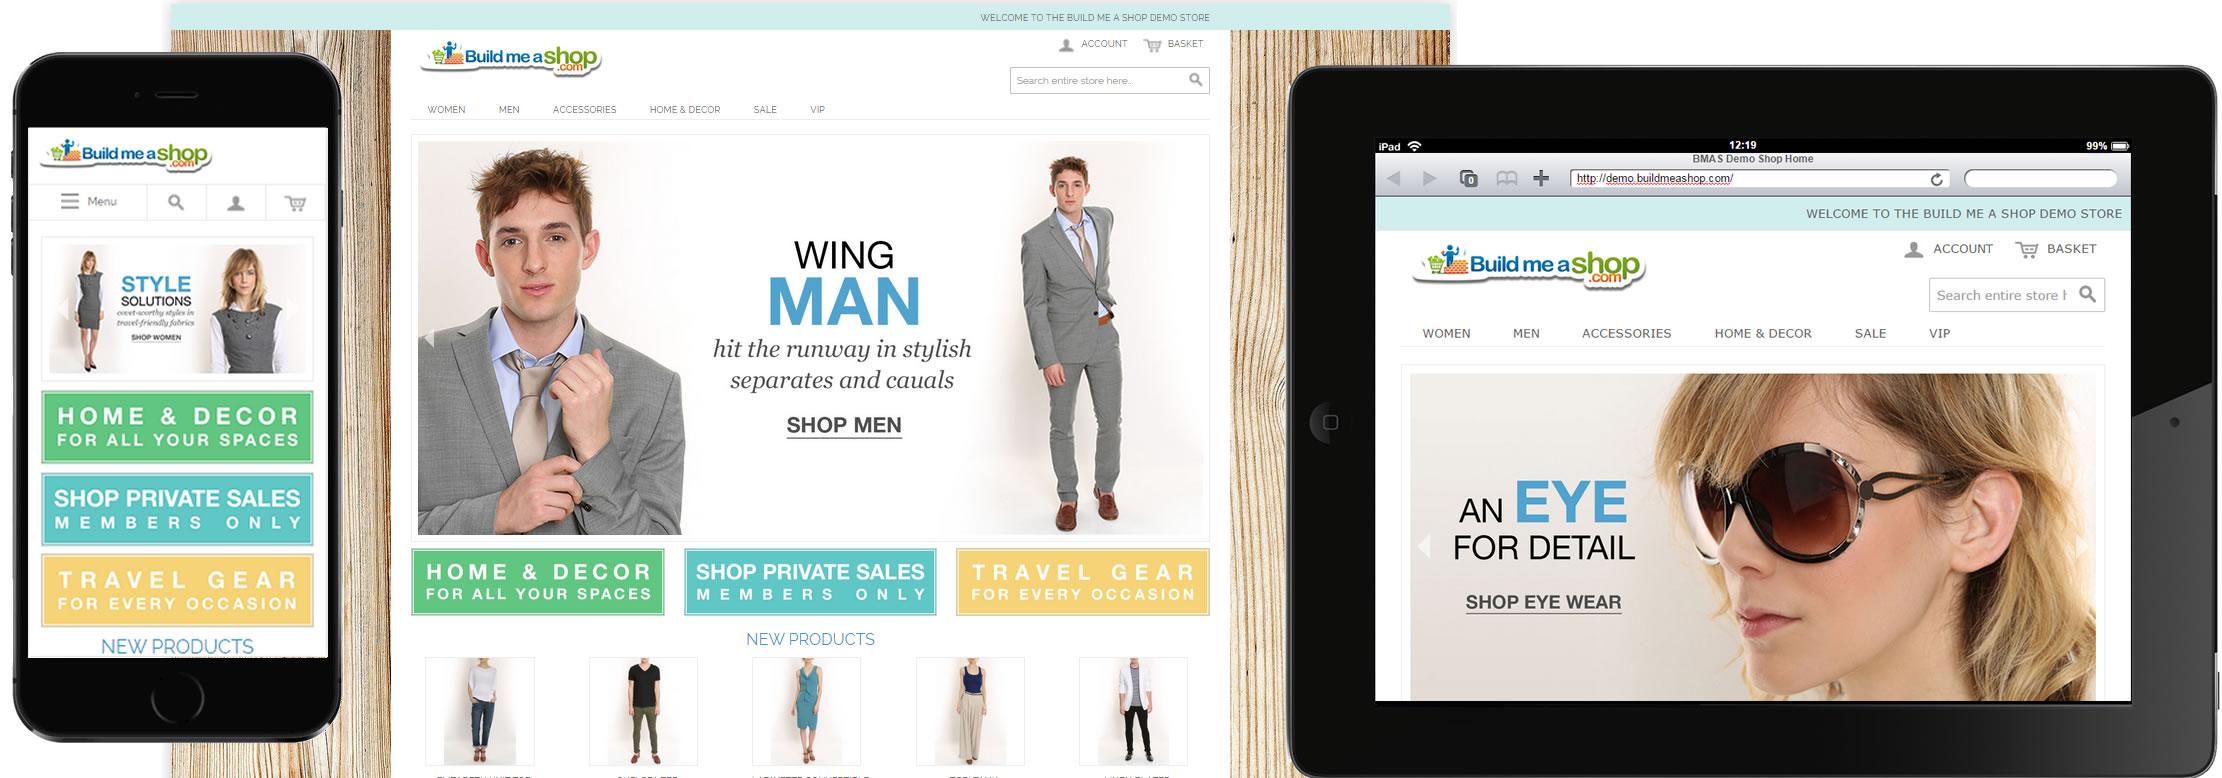 Responsive Magento webshop design for phone, tablet or desktop